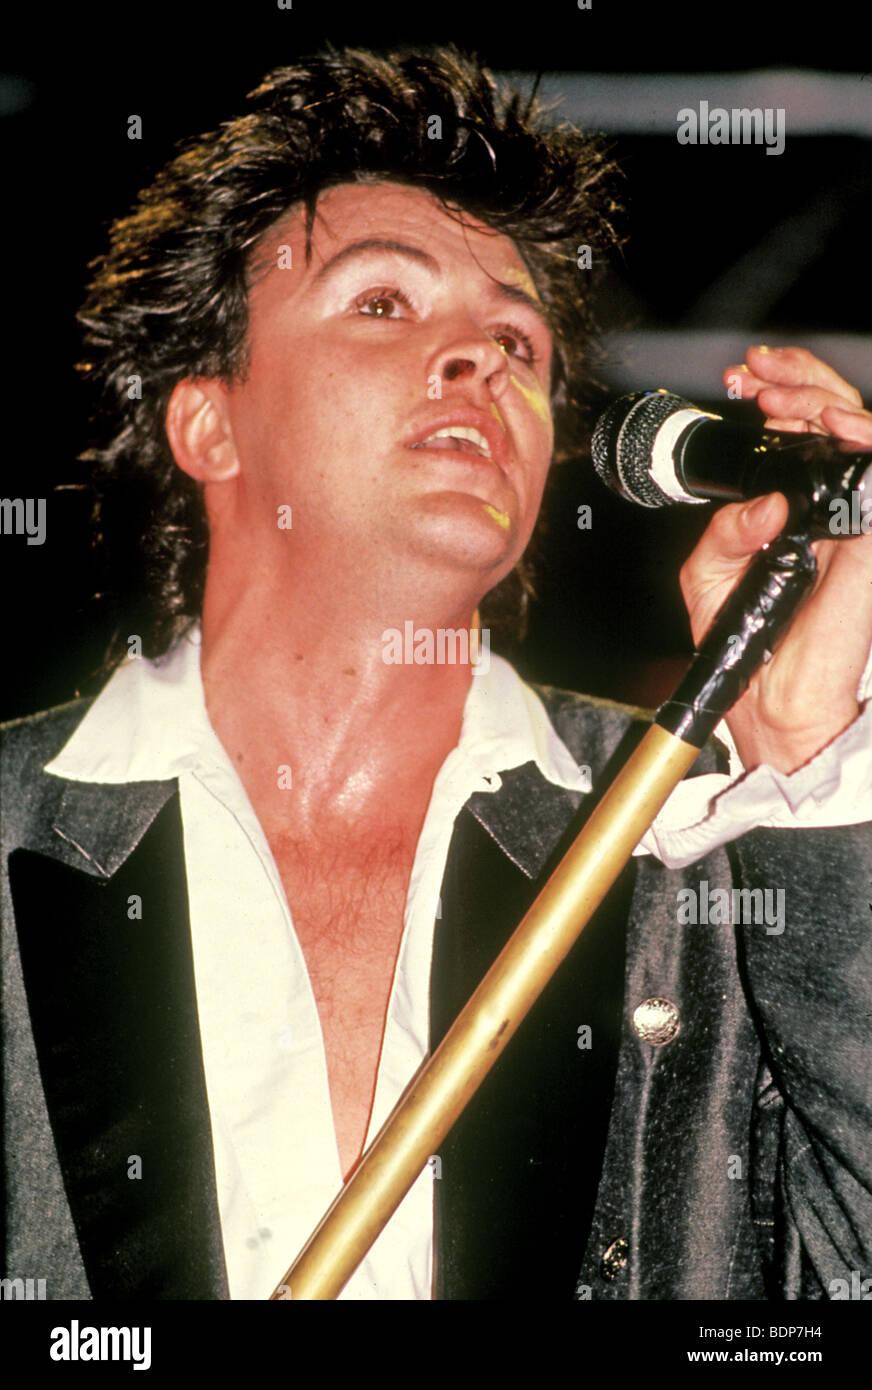 Paolo giovane - REGNO UNITO cantante pop circa 1985 Immagini Stock